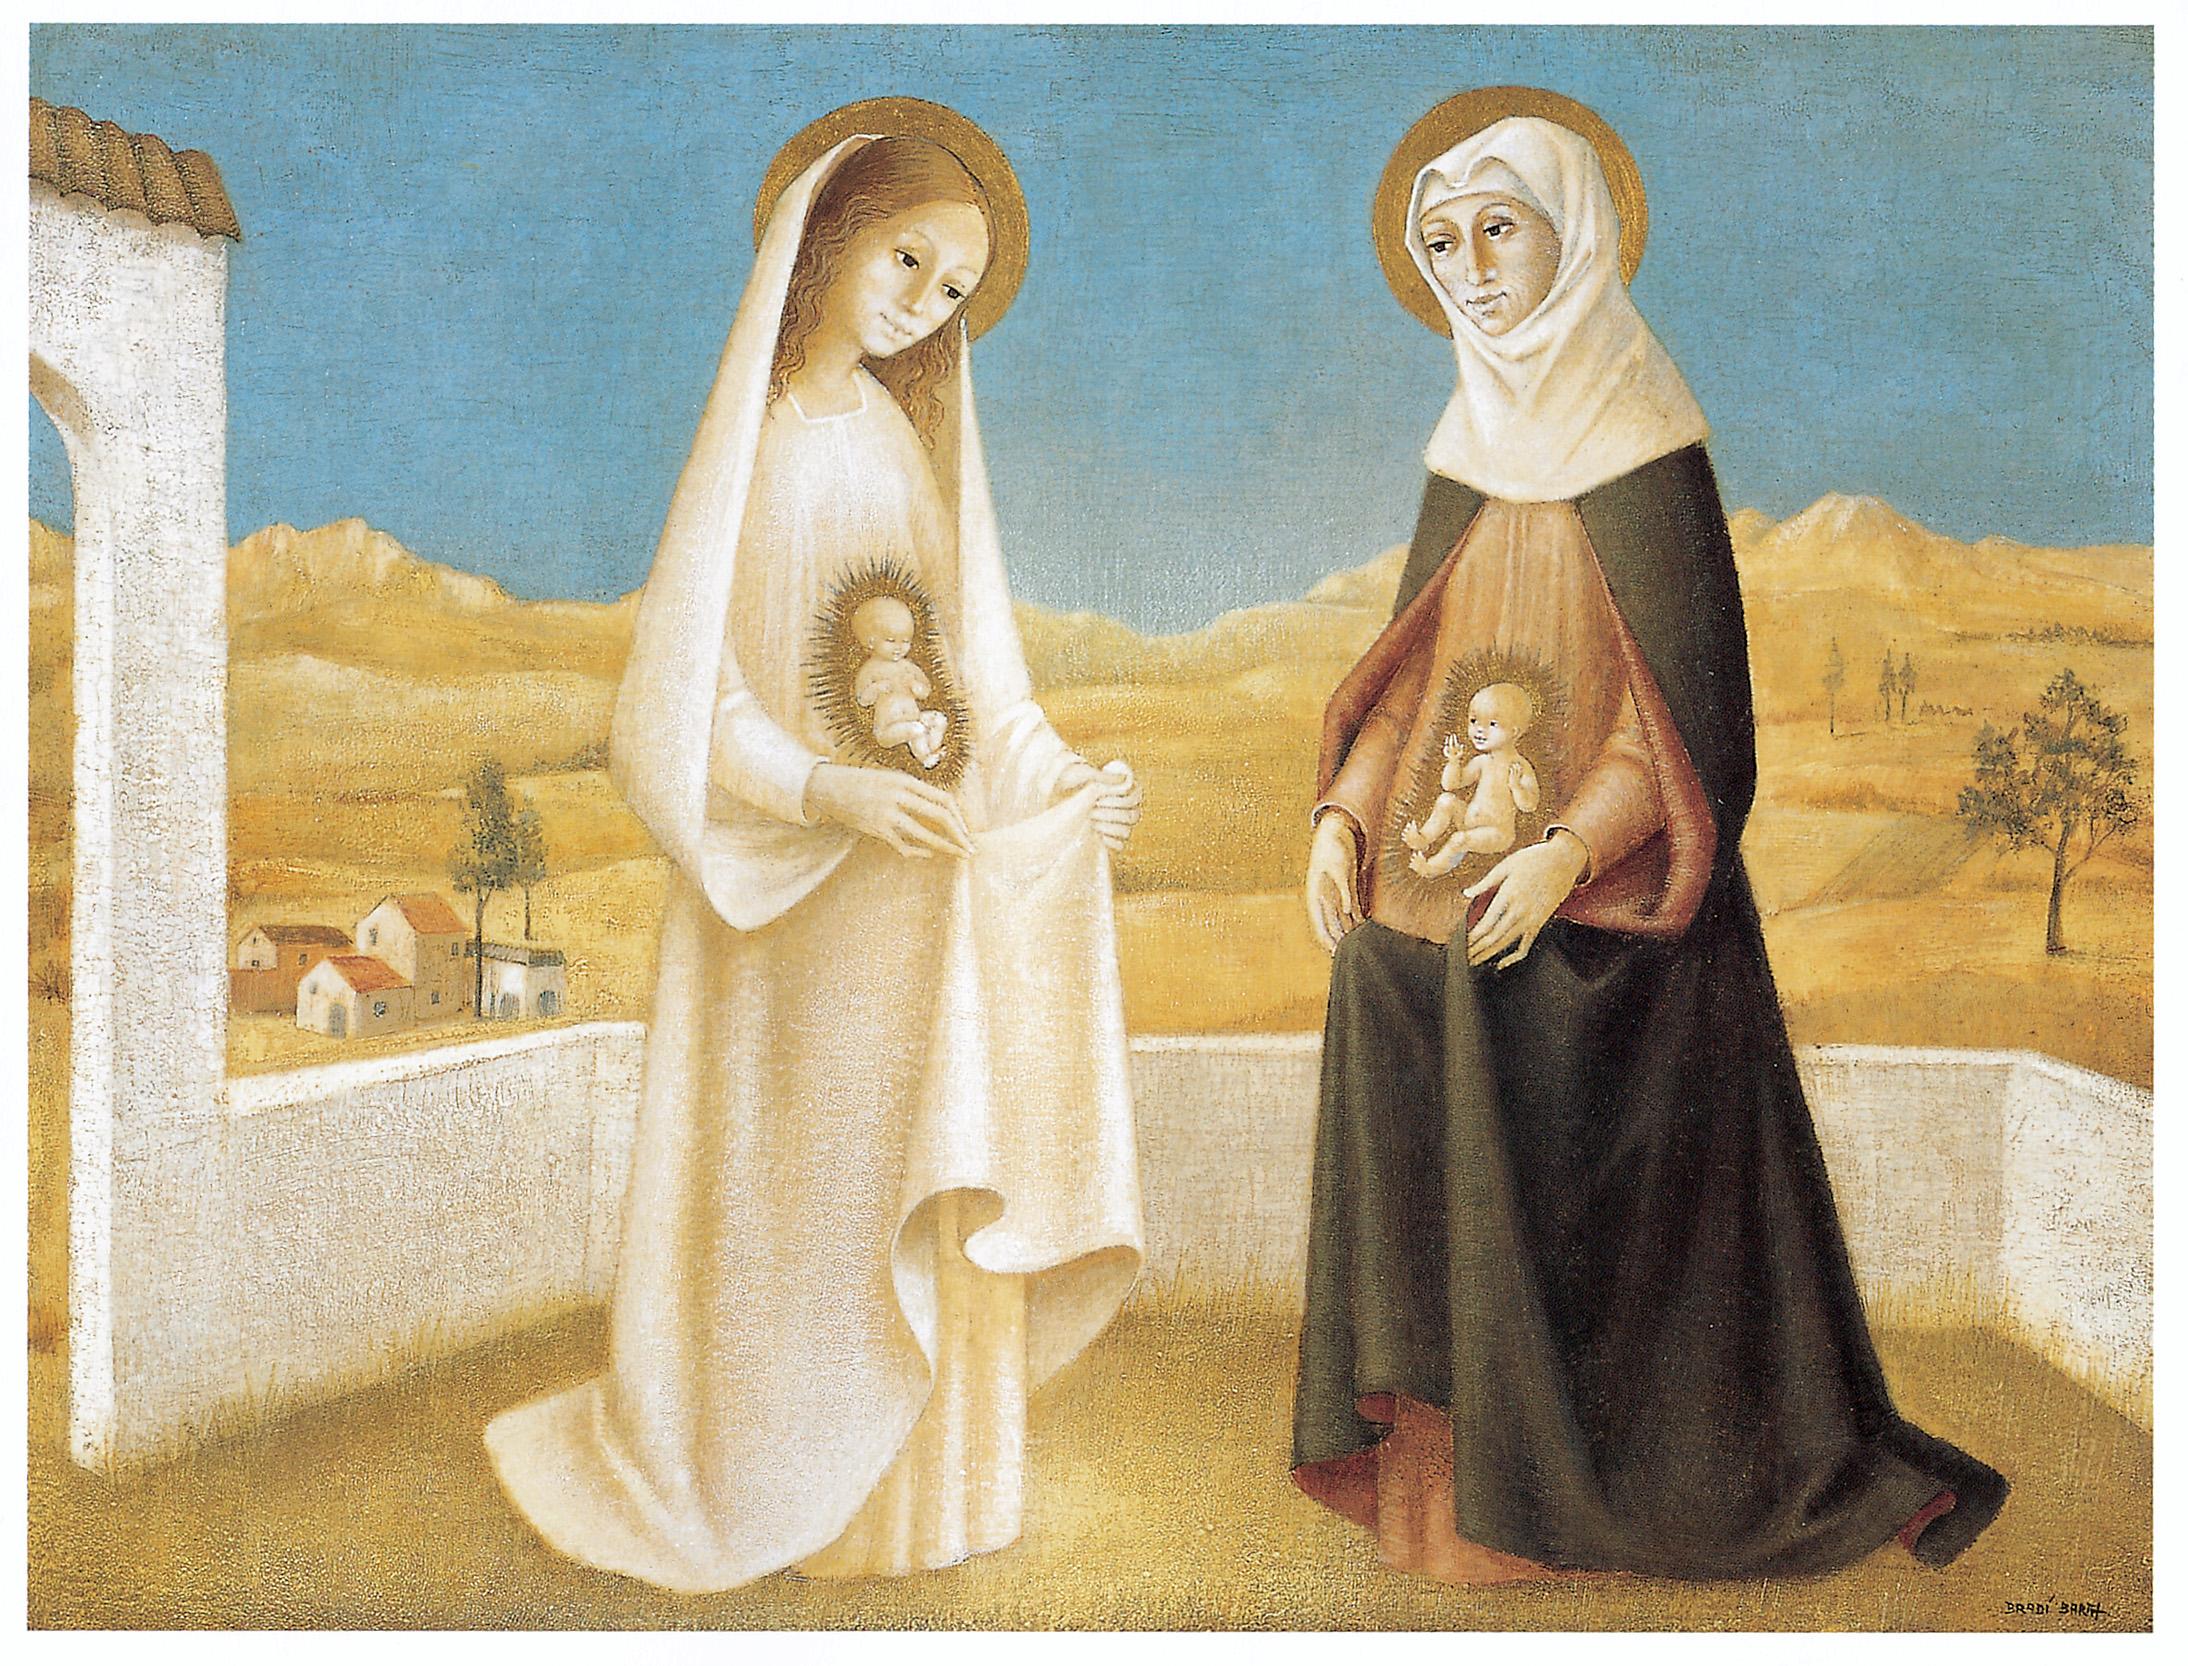 Fiesta de la Visitación de María, 1º encuentro de Jesucristo y su Precursor: (31 may, 2 jul)